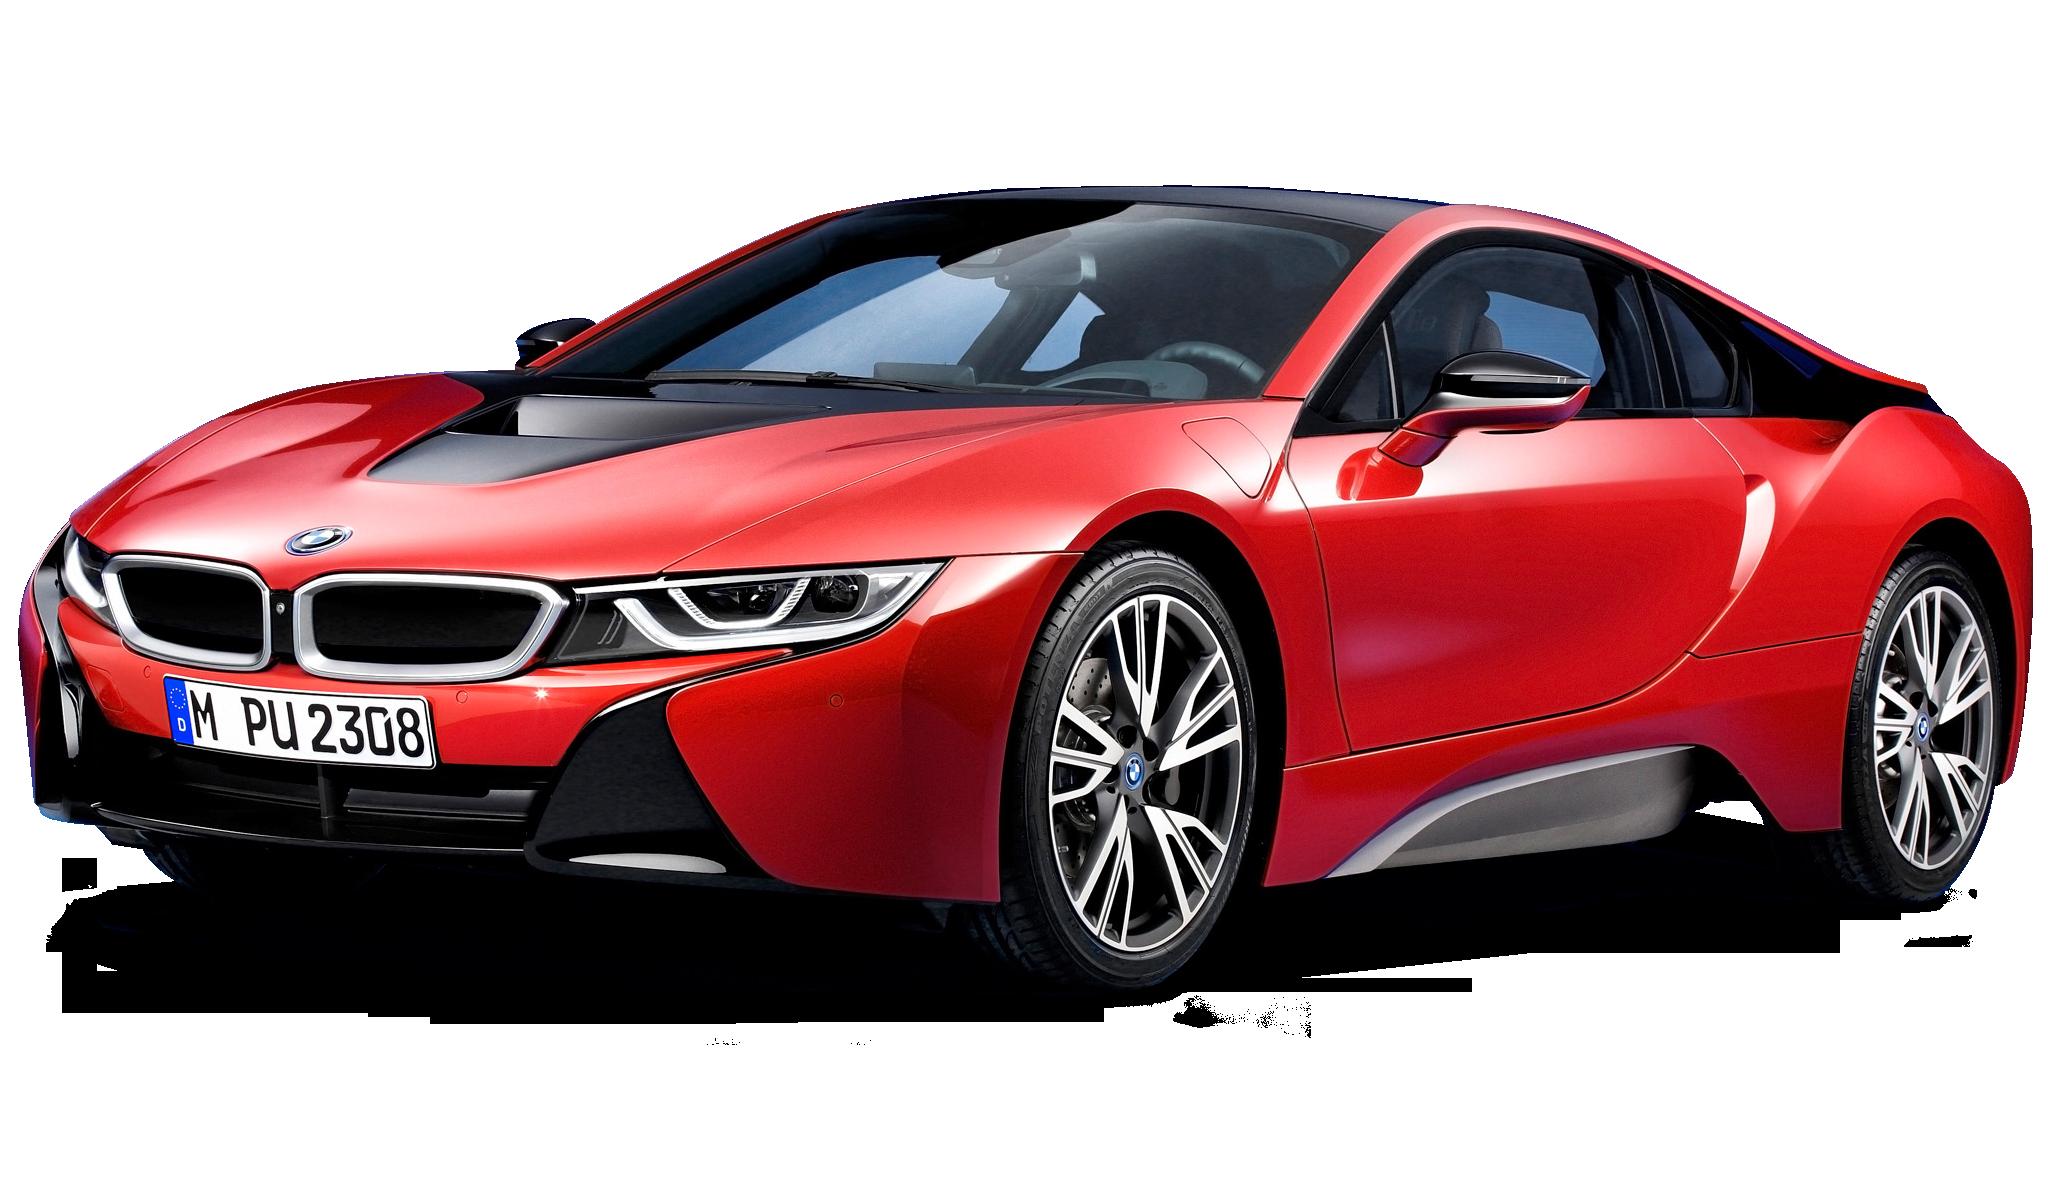 Lhd car bmw model